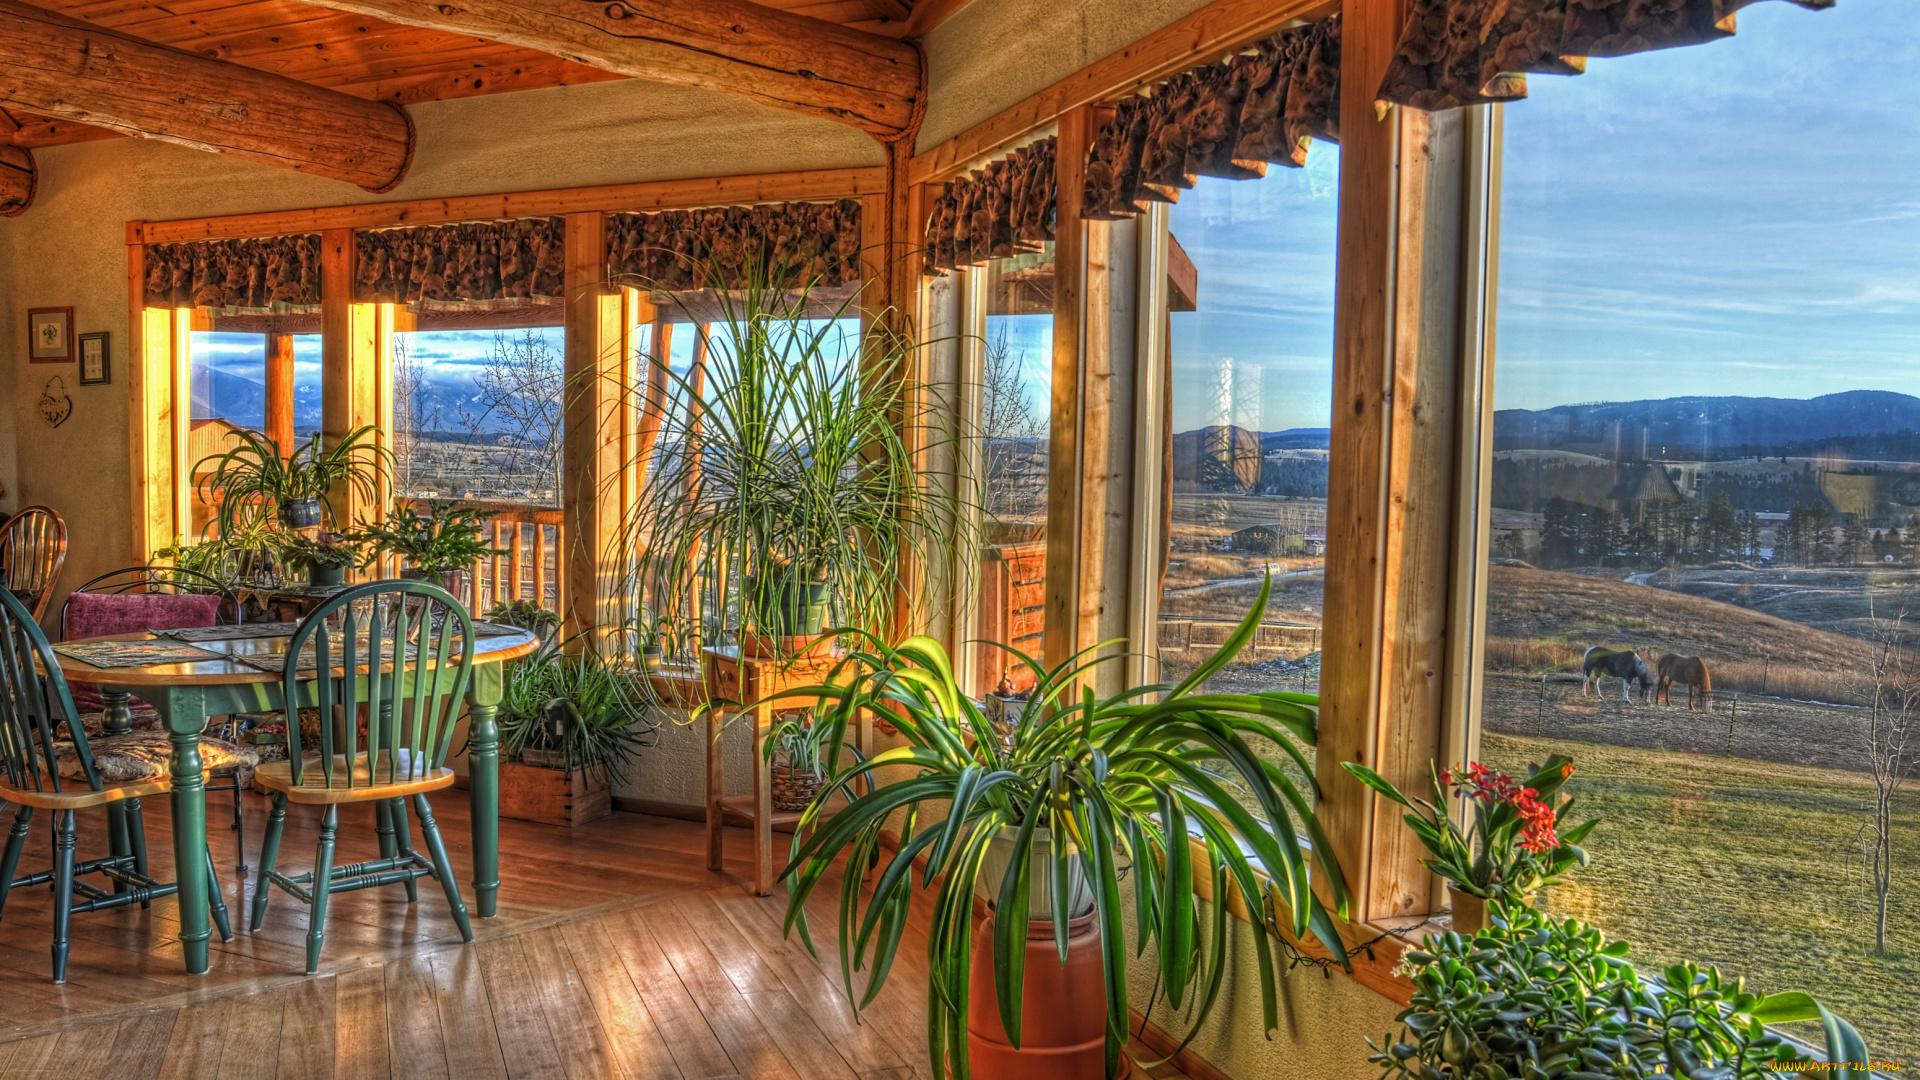 Скачать обои интерьер, веранды, террасы, балконы, окна, вазо.